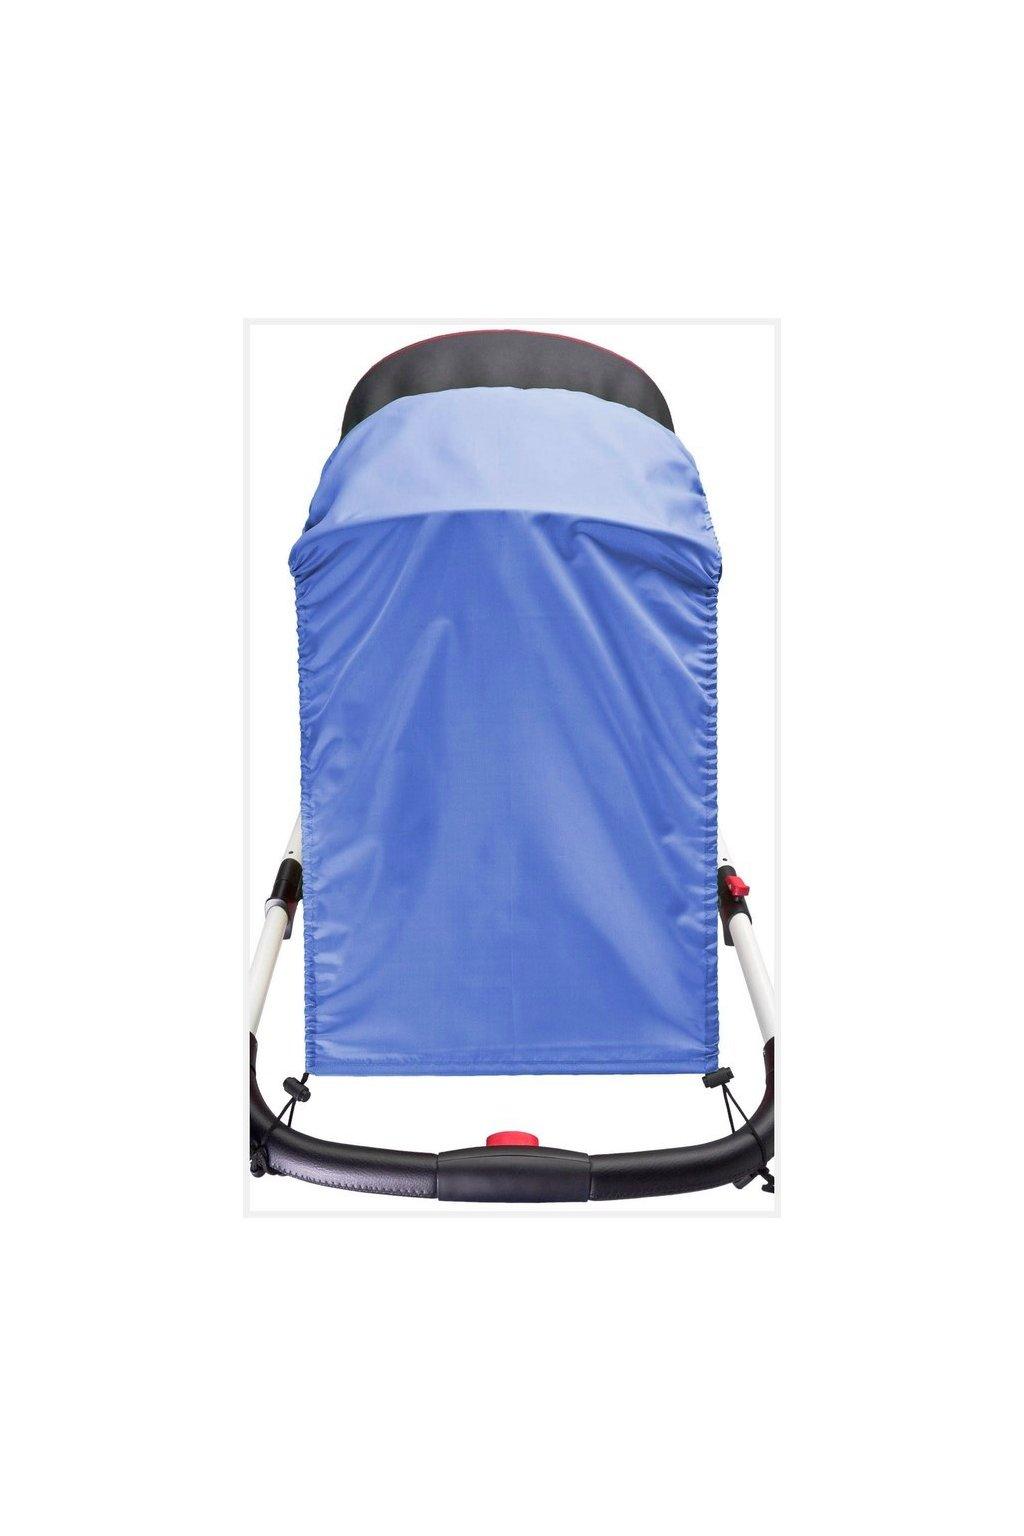 Slnečná clona na kočík CARETERO blue